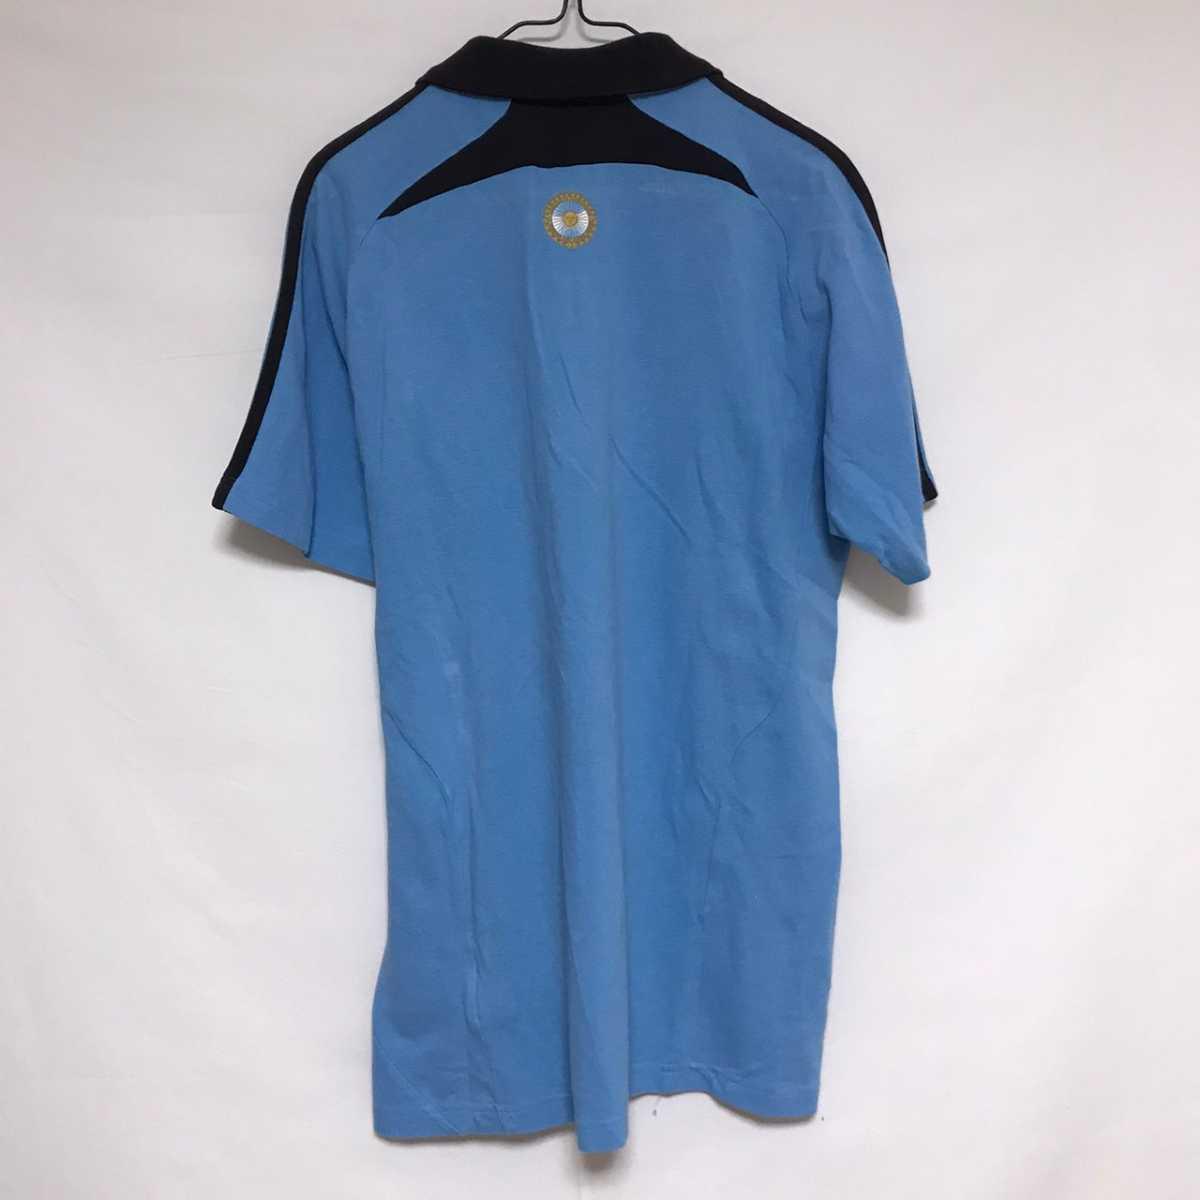 adidas ポロシャツ アルゼンチン代表 公式 ブルー 鹿の子